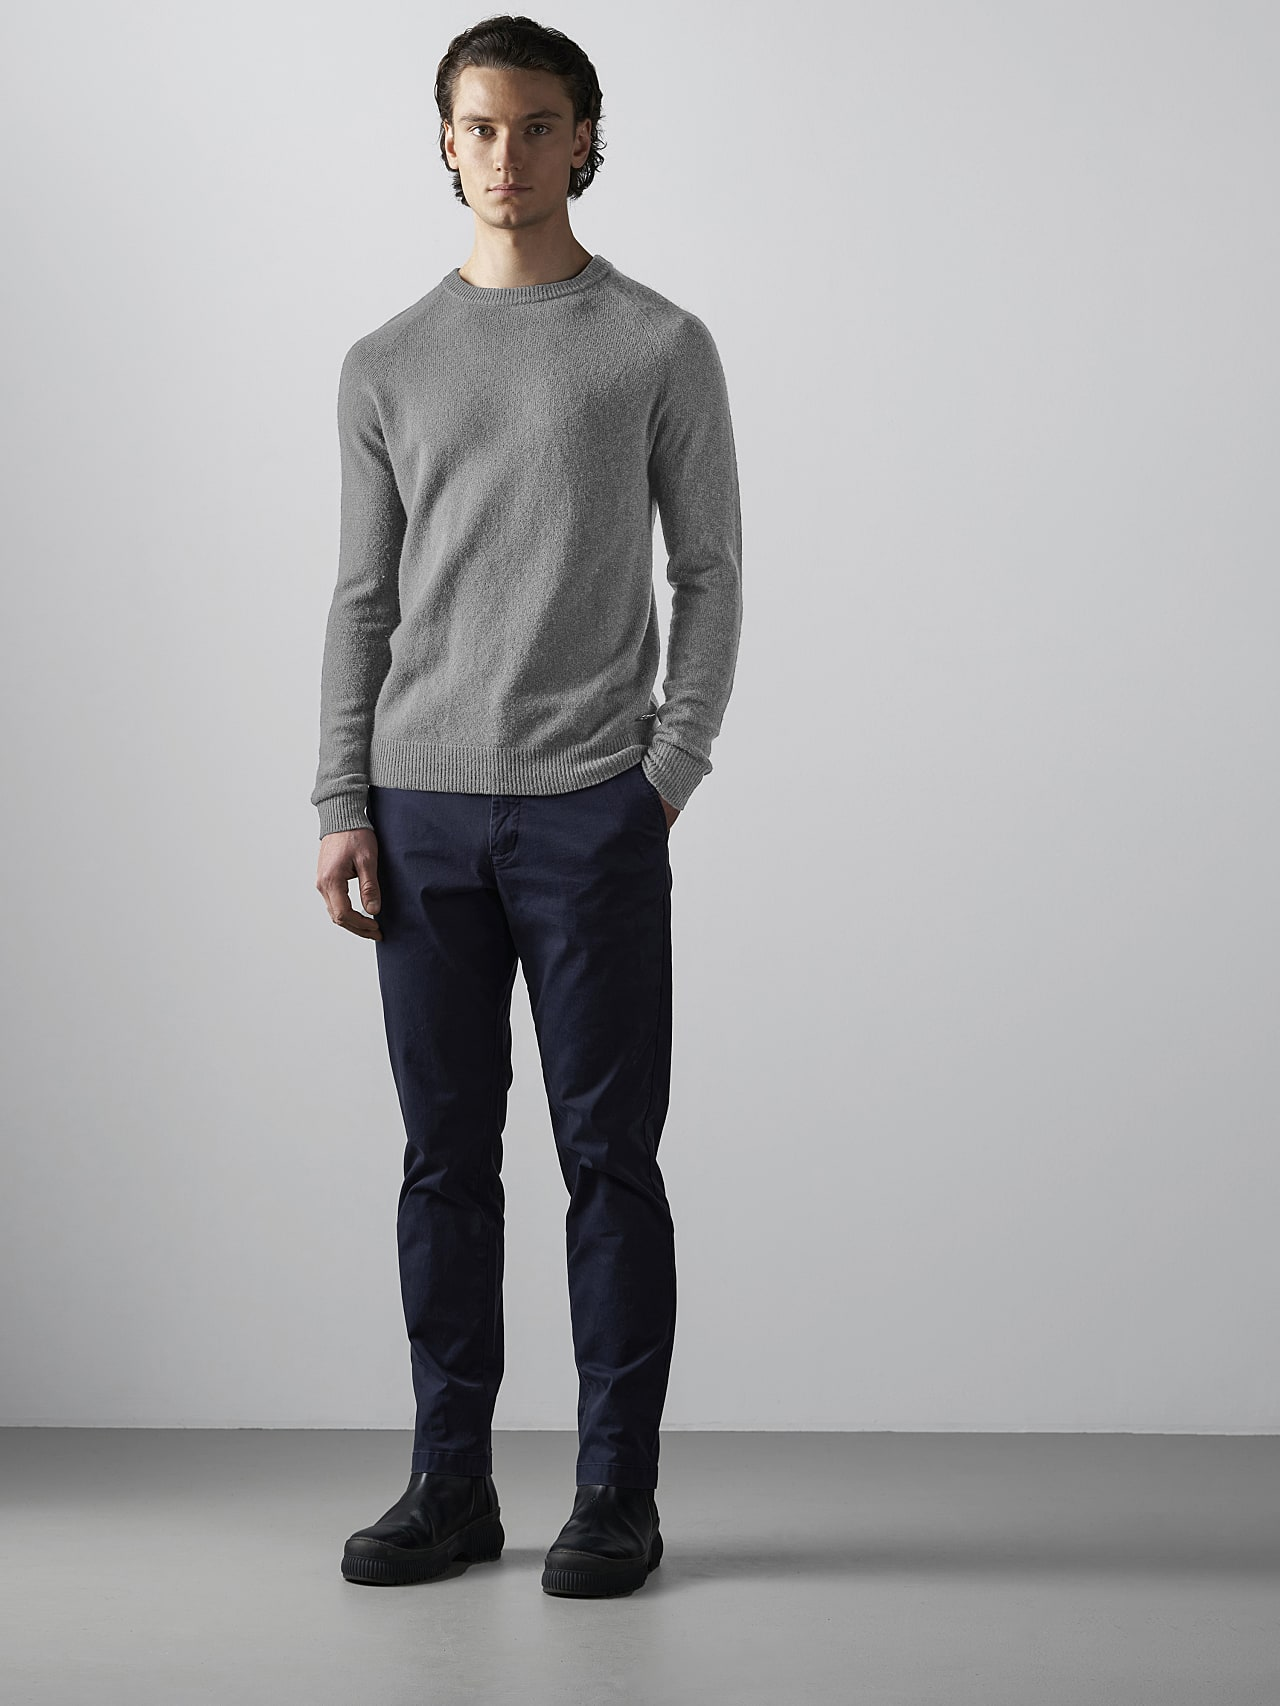 FLACK V2.Y4.02 Nahtloser 3D Knit Merino-Kaschmir Pullover Grau / Melange Vorne Alpha Tauri